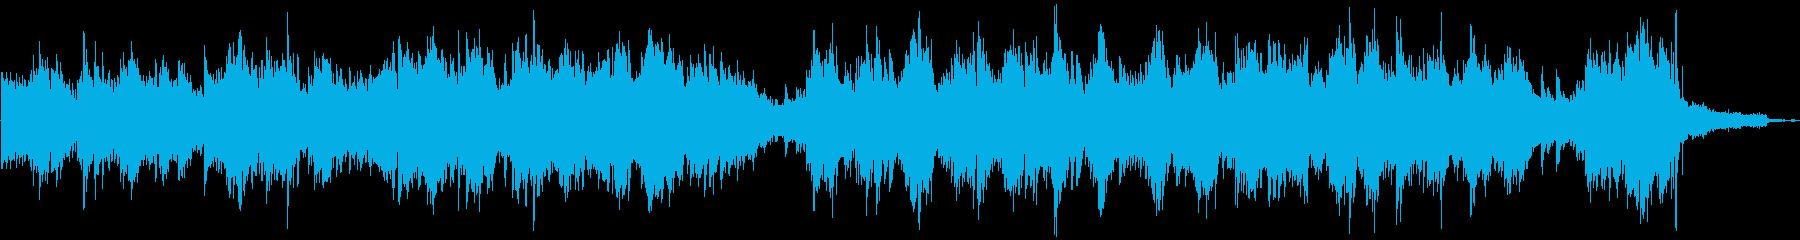 癒されるピアノソロ_午後の一時の再生済みの波形